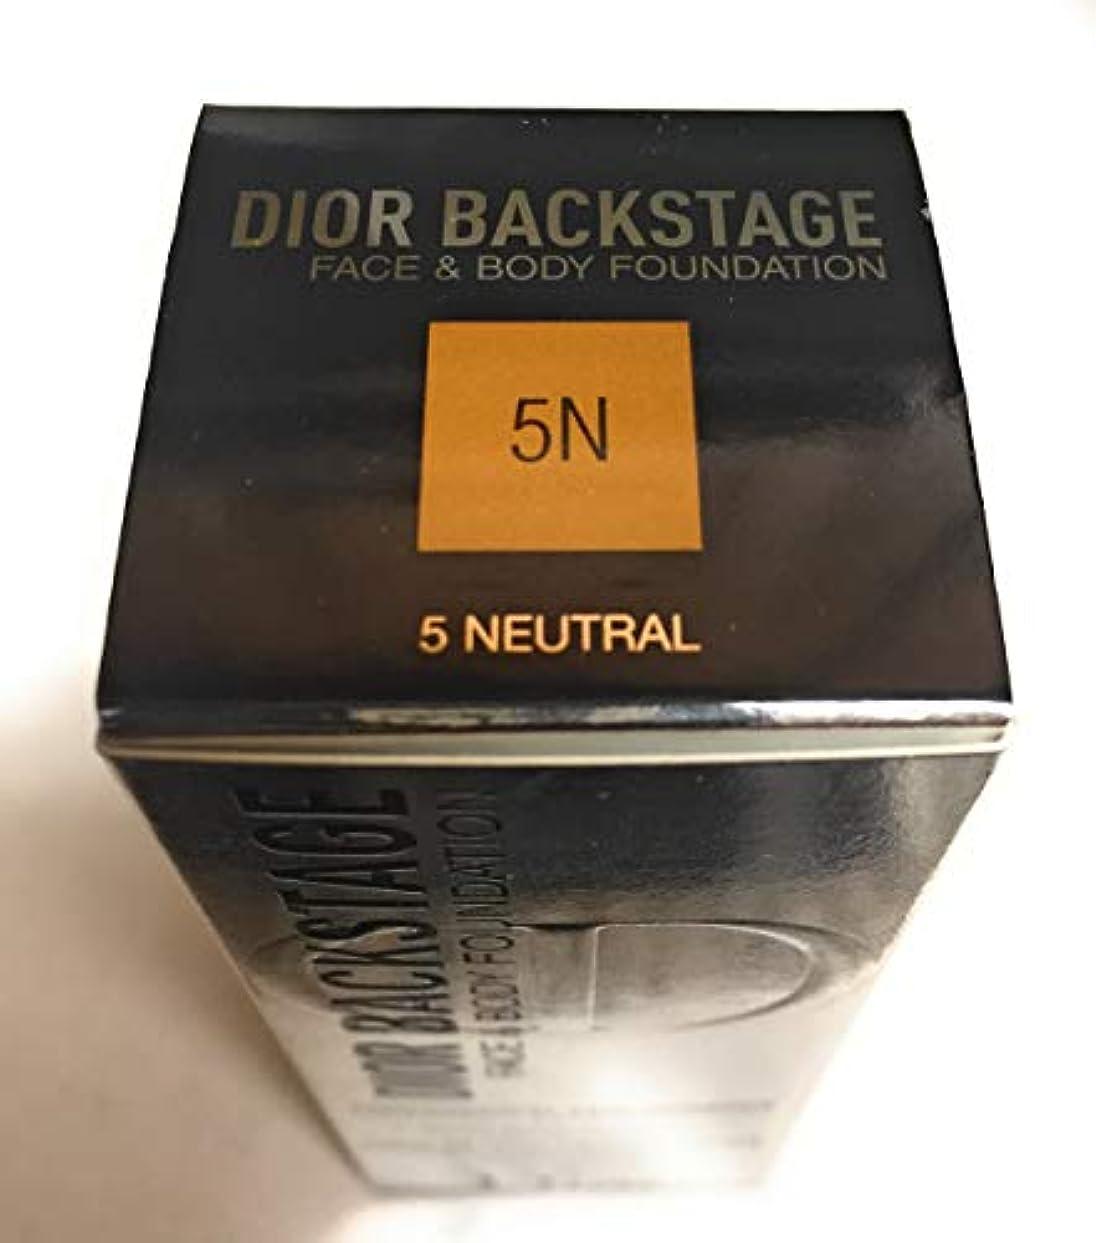 お金早い可能にするディオール ディオールバックステージフェイス&ボディファンデーション # 5N (5 Neutral)